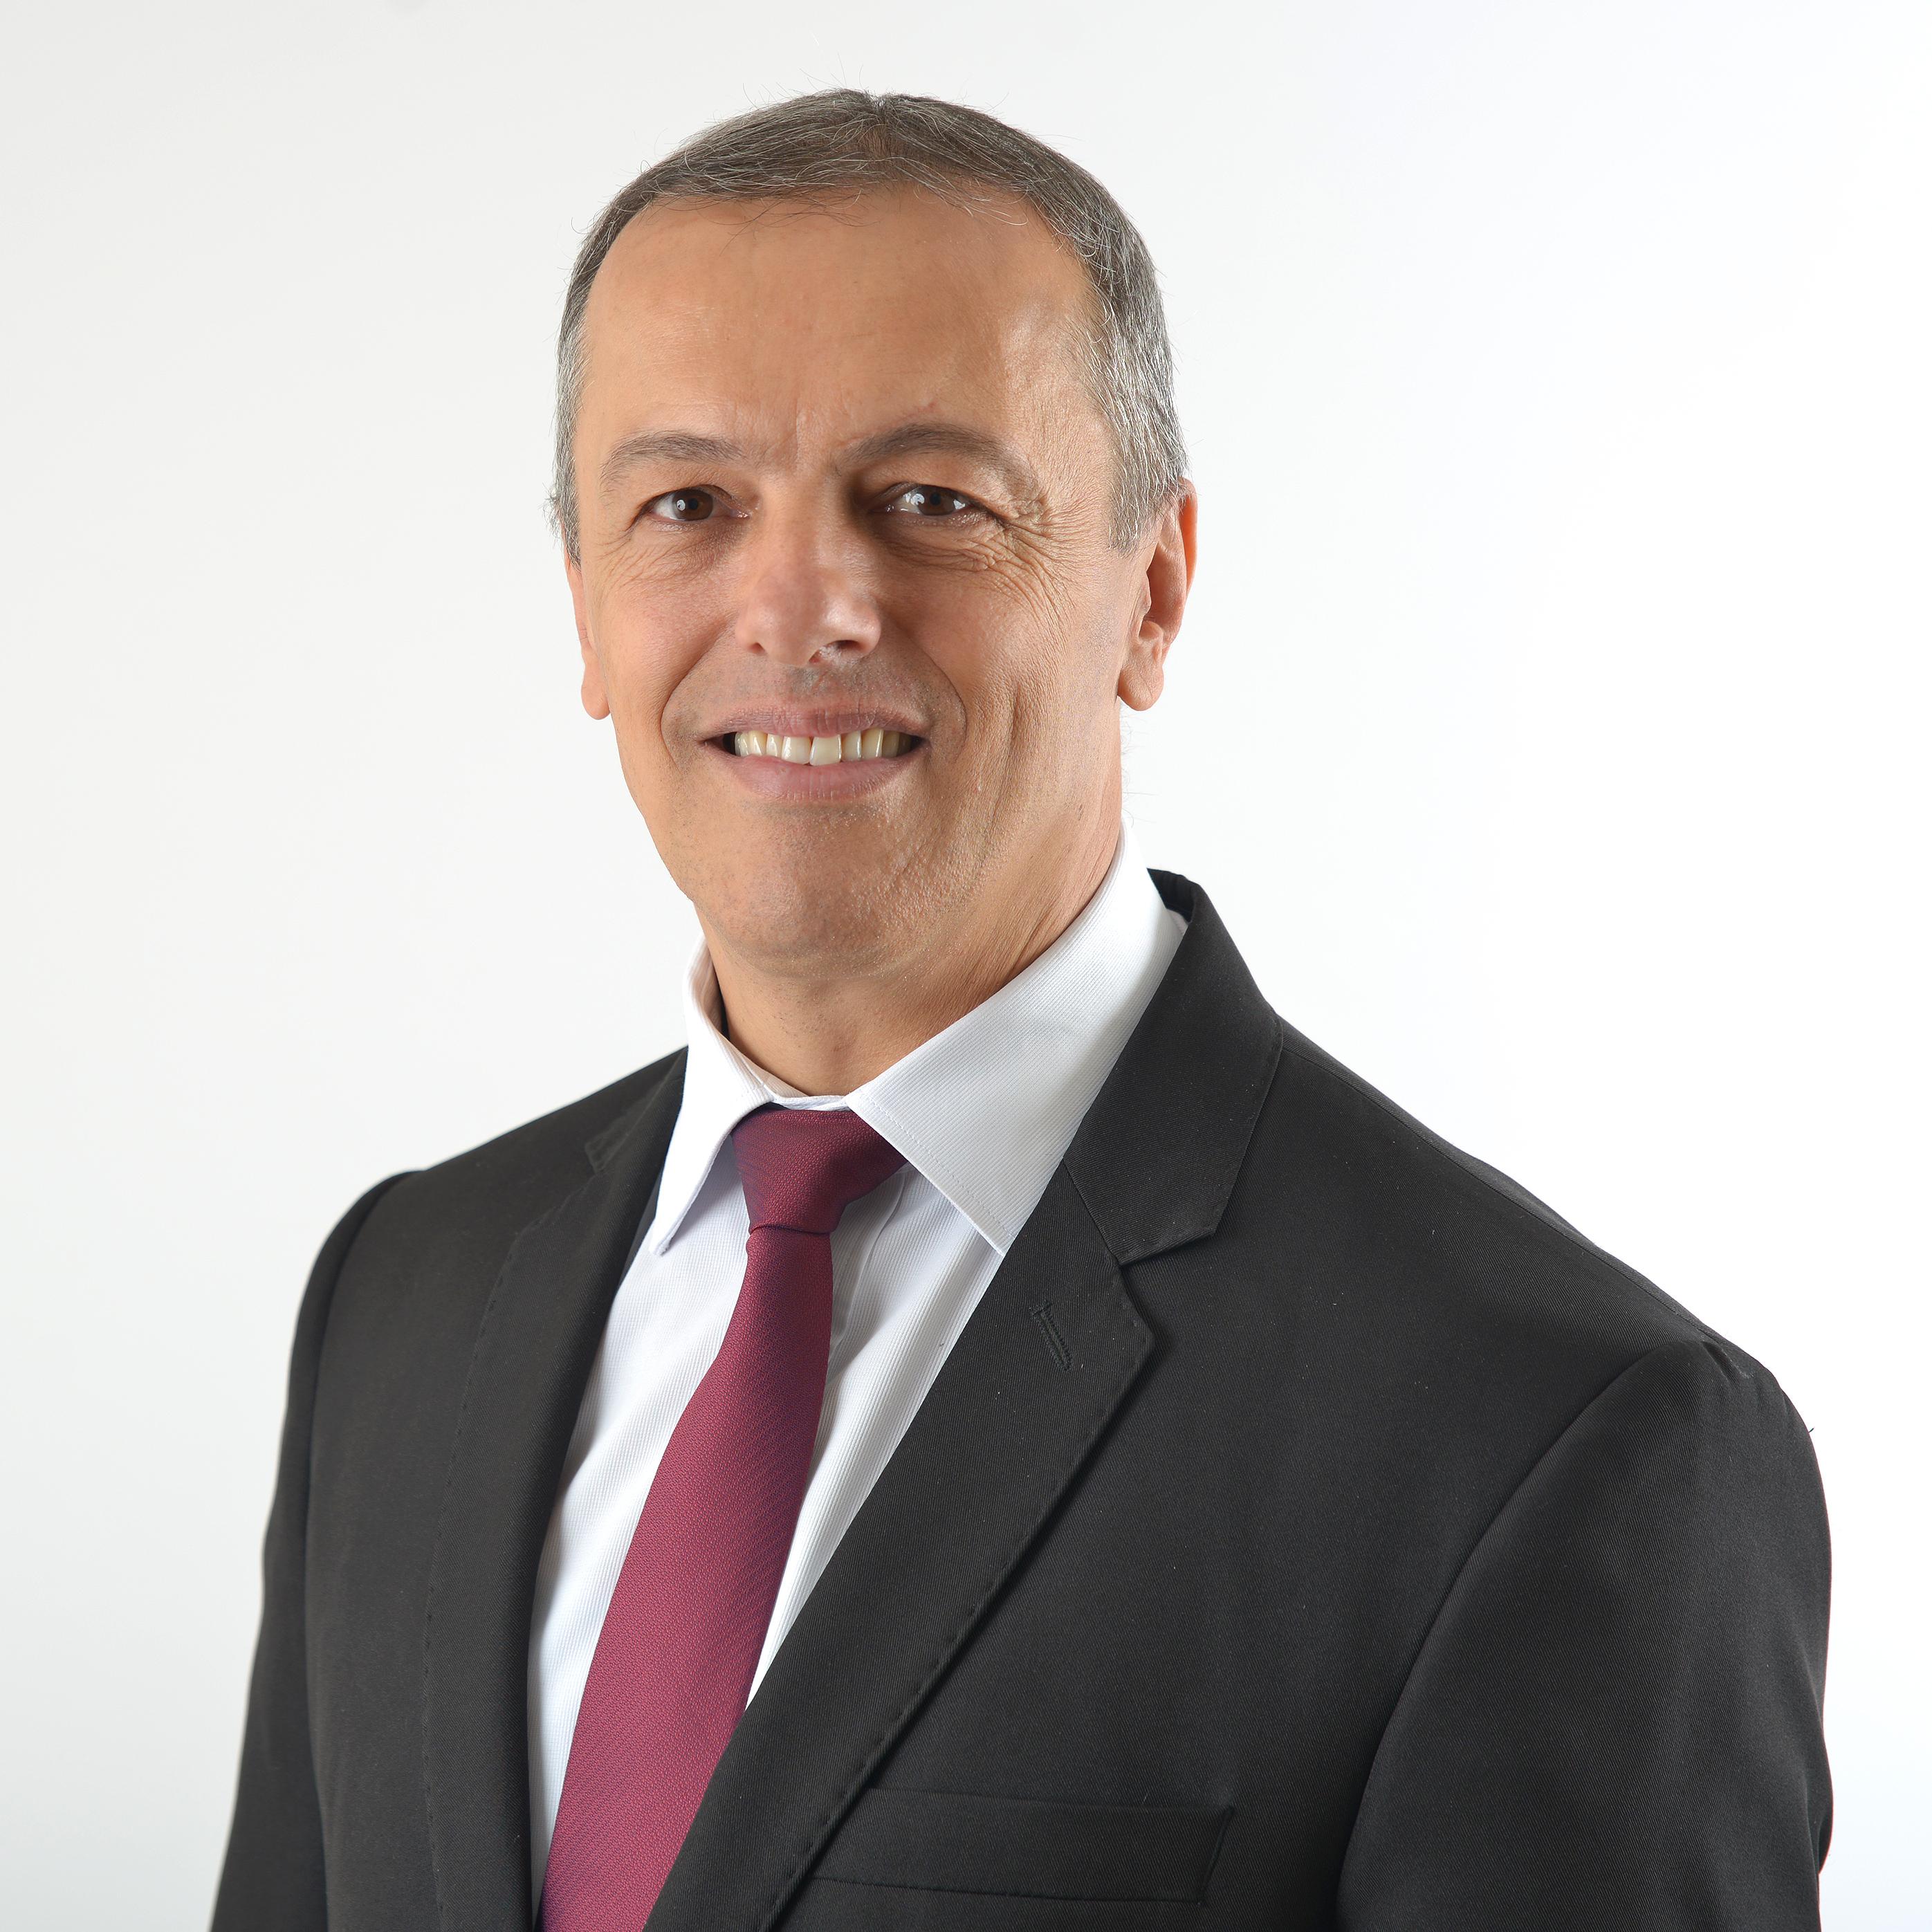 João Paulo Beraldinelli